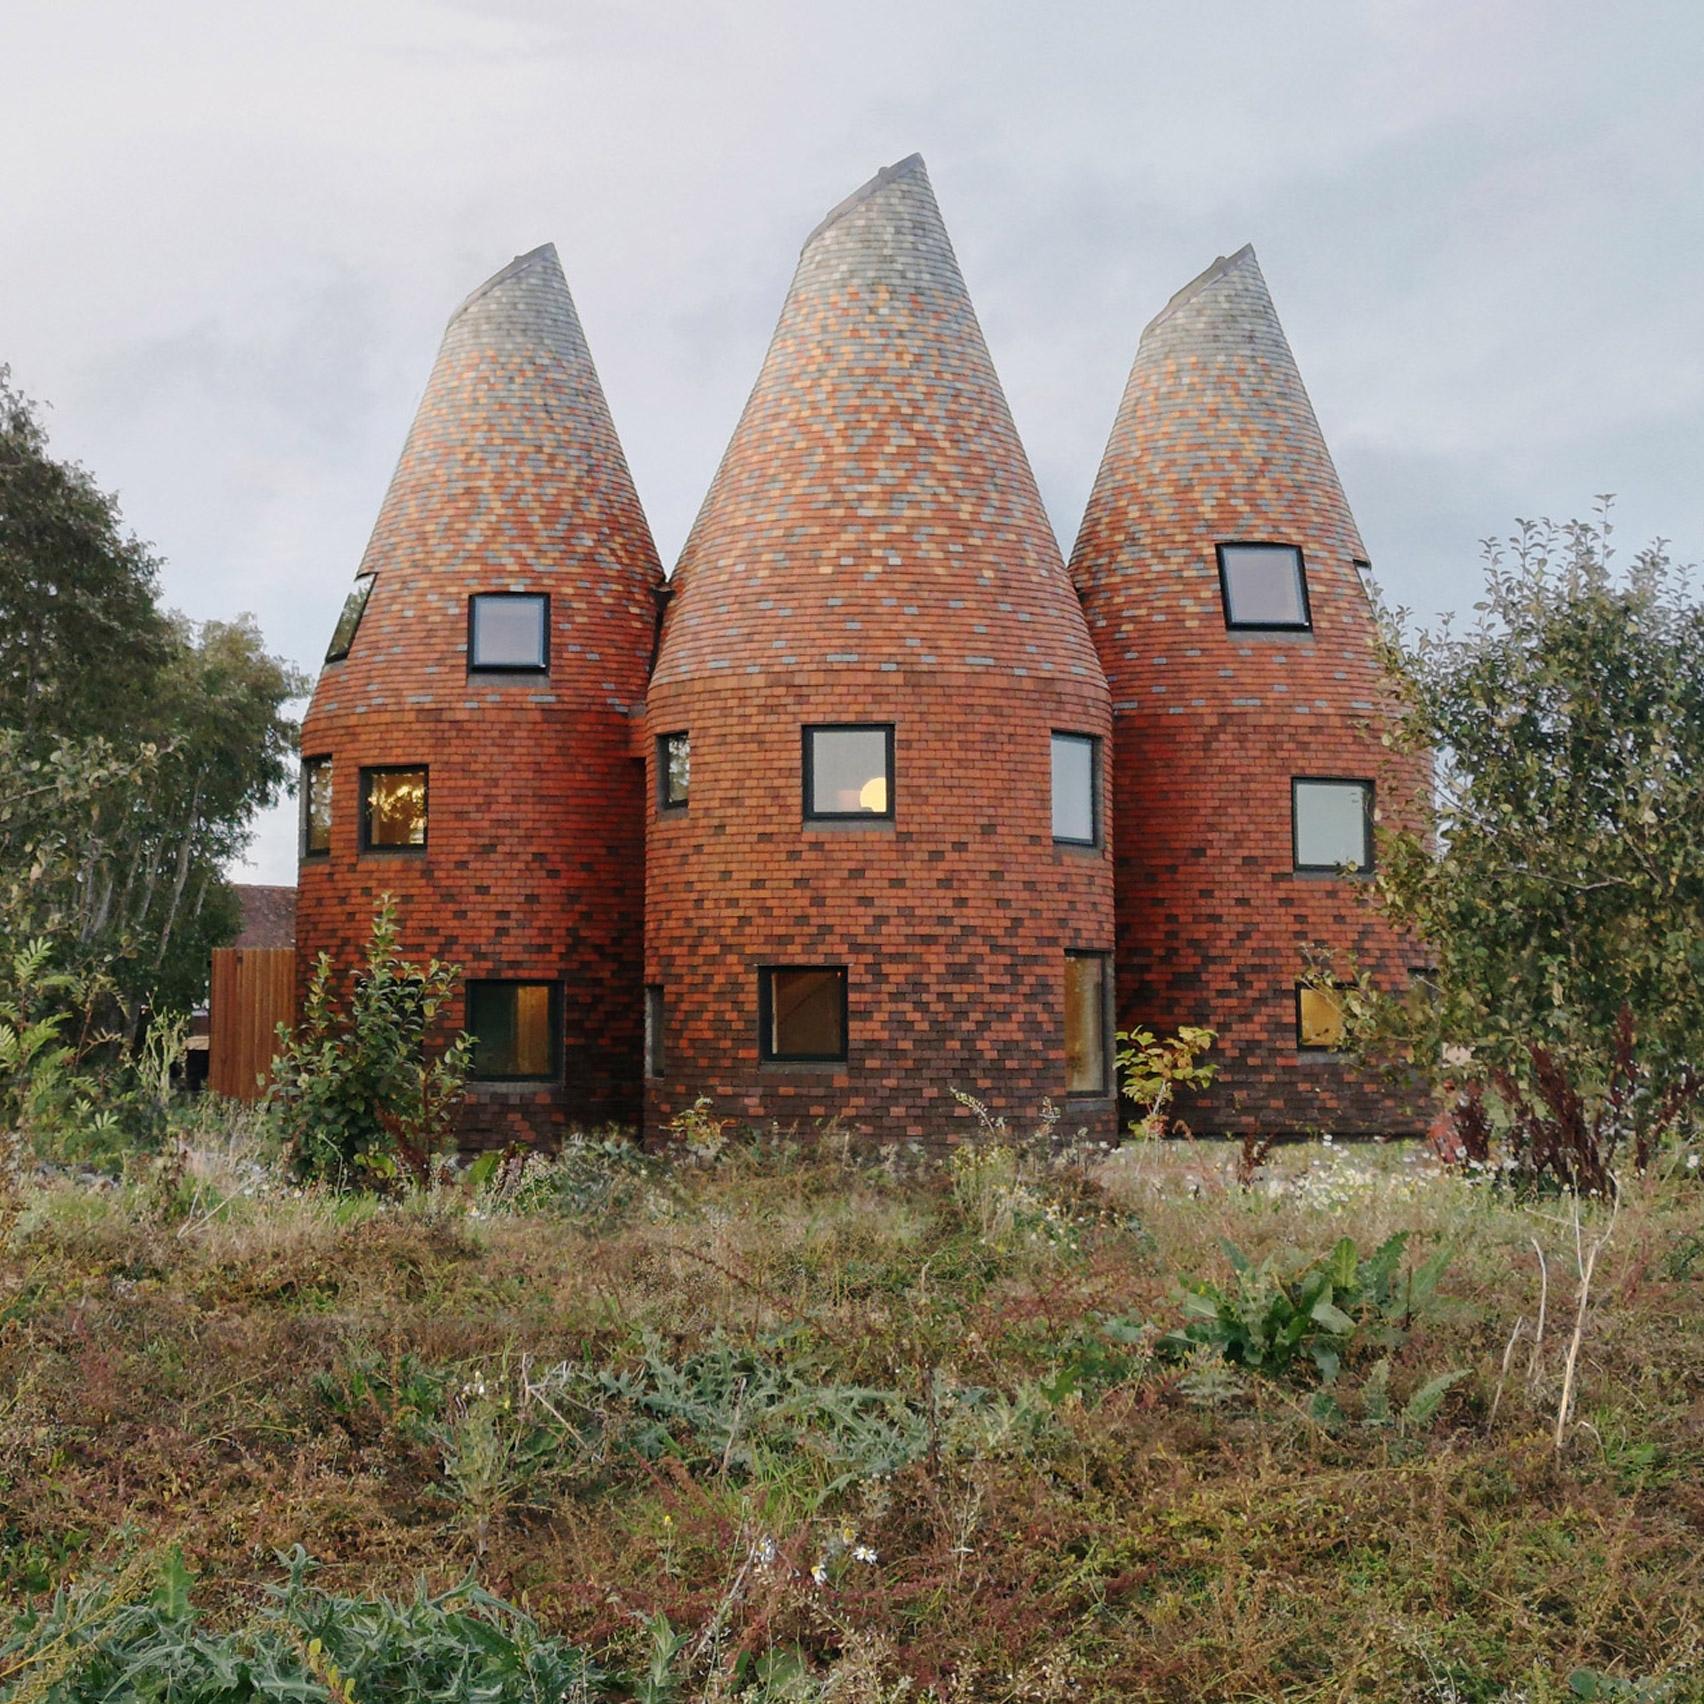 Шедевры архитектуры: 10 самых необычных домов мира, которые построили в 2020 году (ФОТО) - фото №3